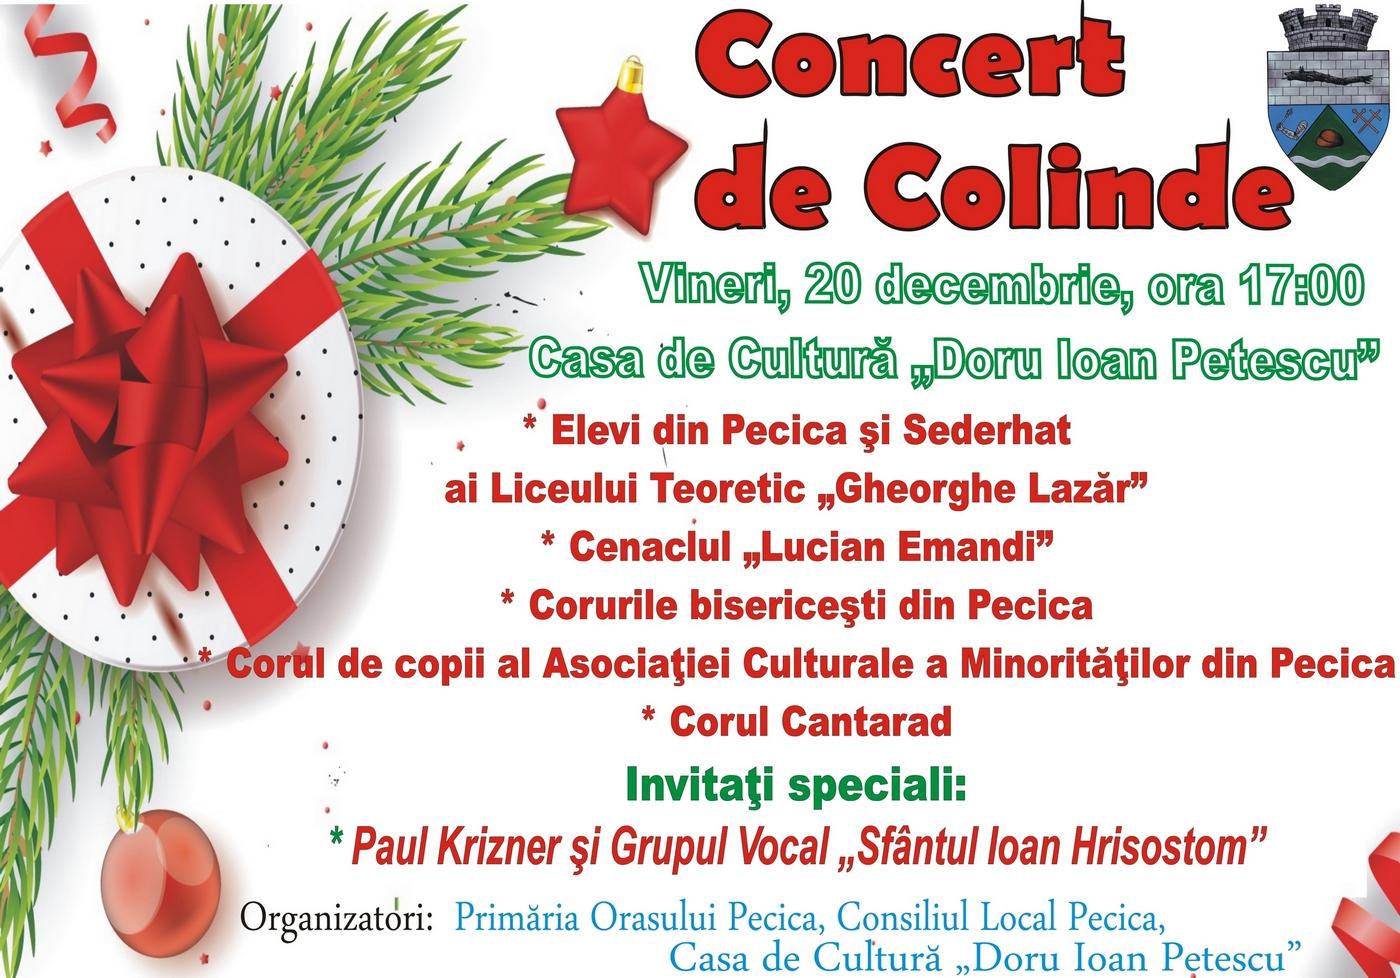 Astăzi are loc concertul de colinde